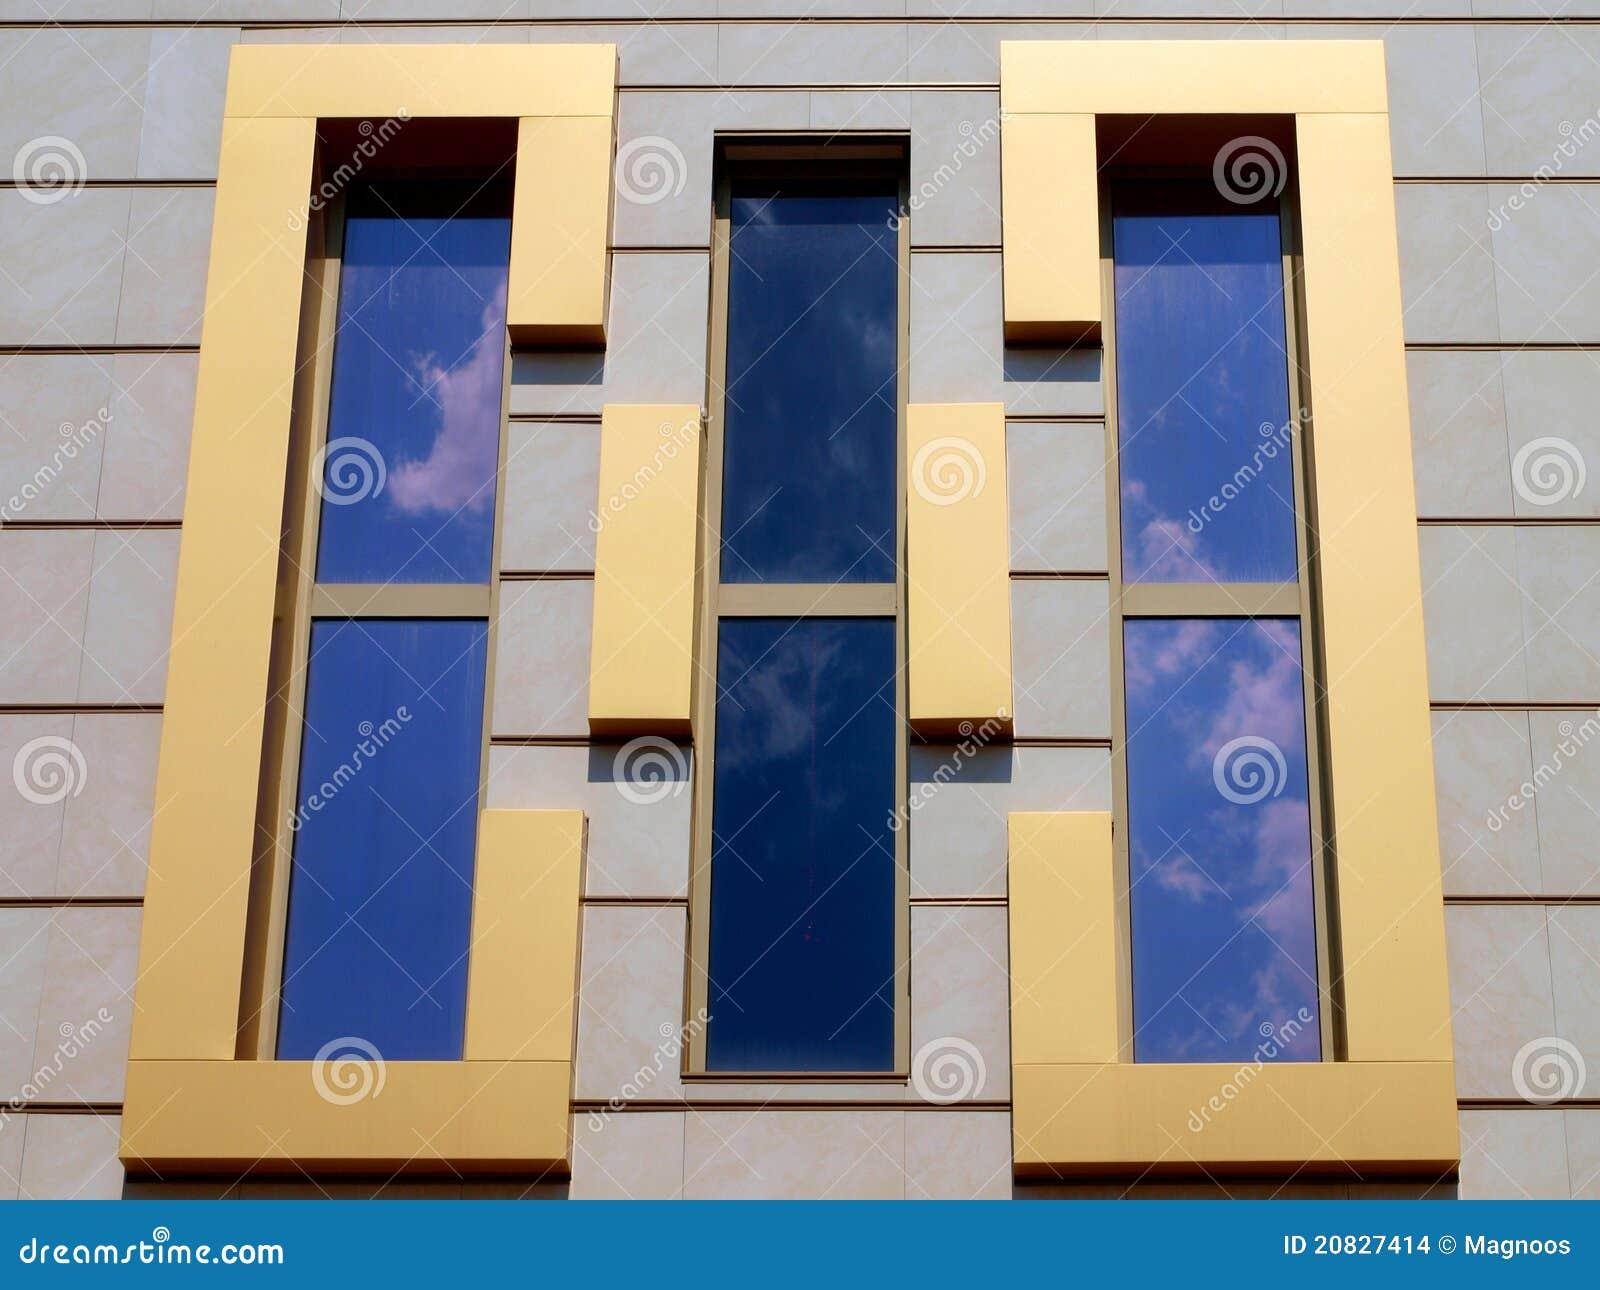 diseo de ventanas imagenes de archivo